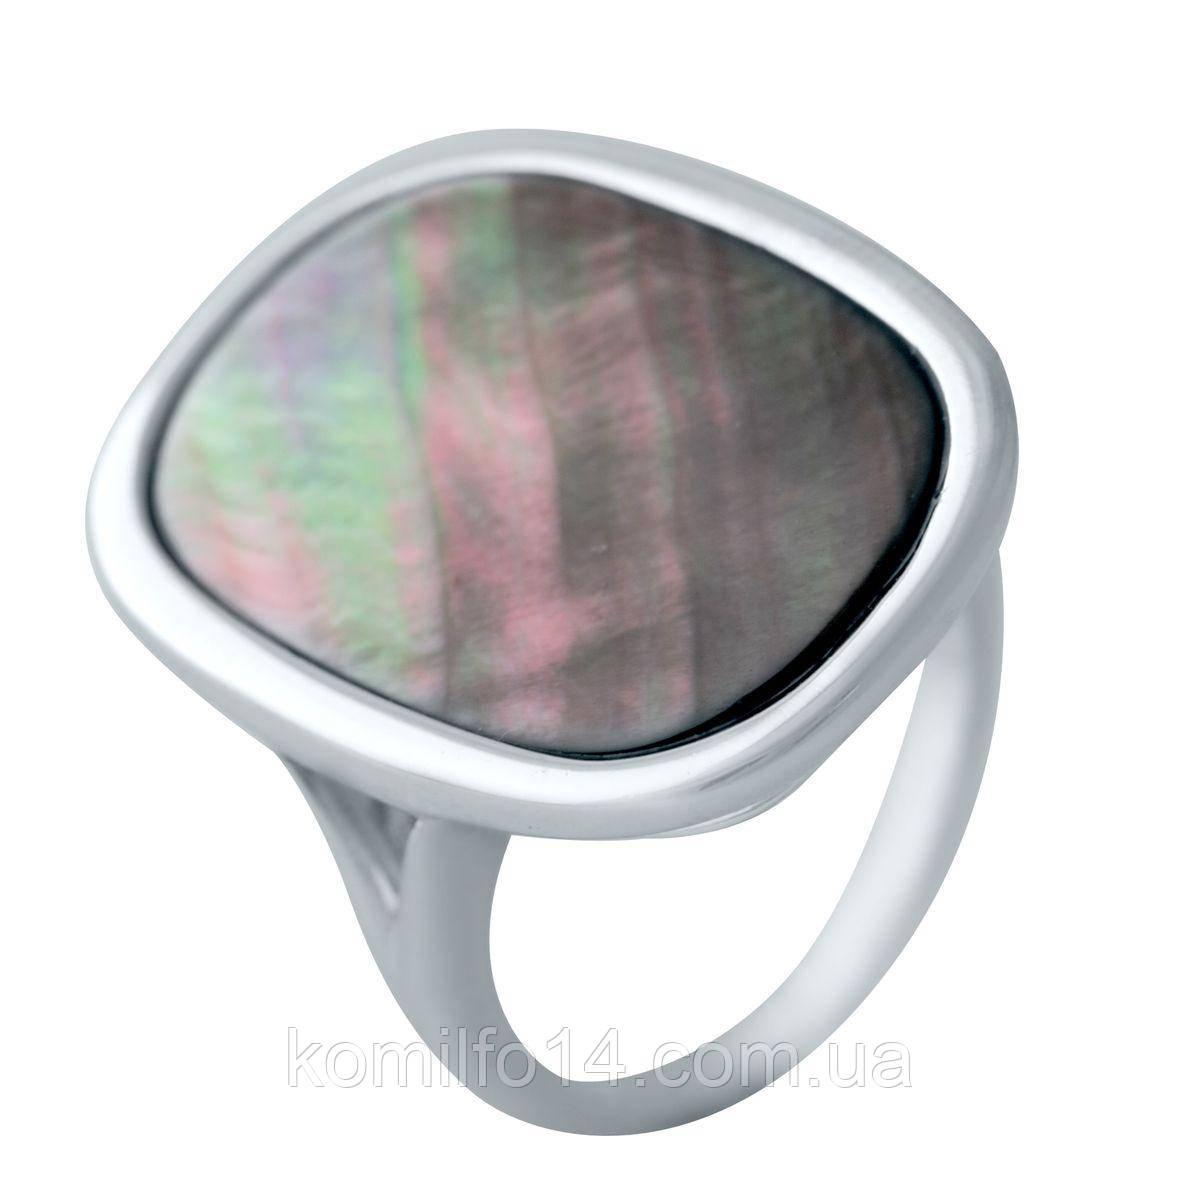 Серебряное кольцо с натуральным перламутром